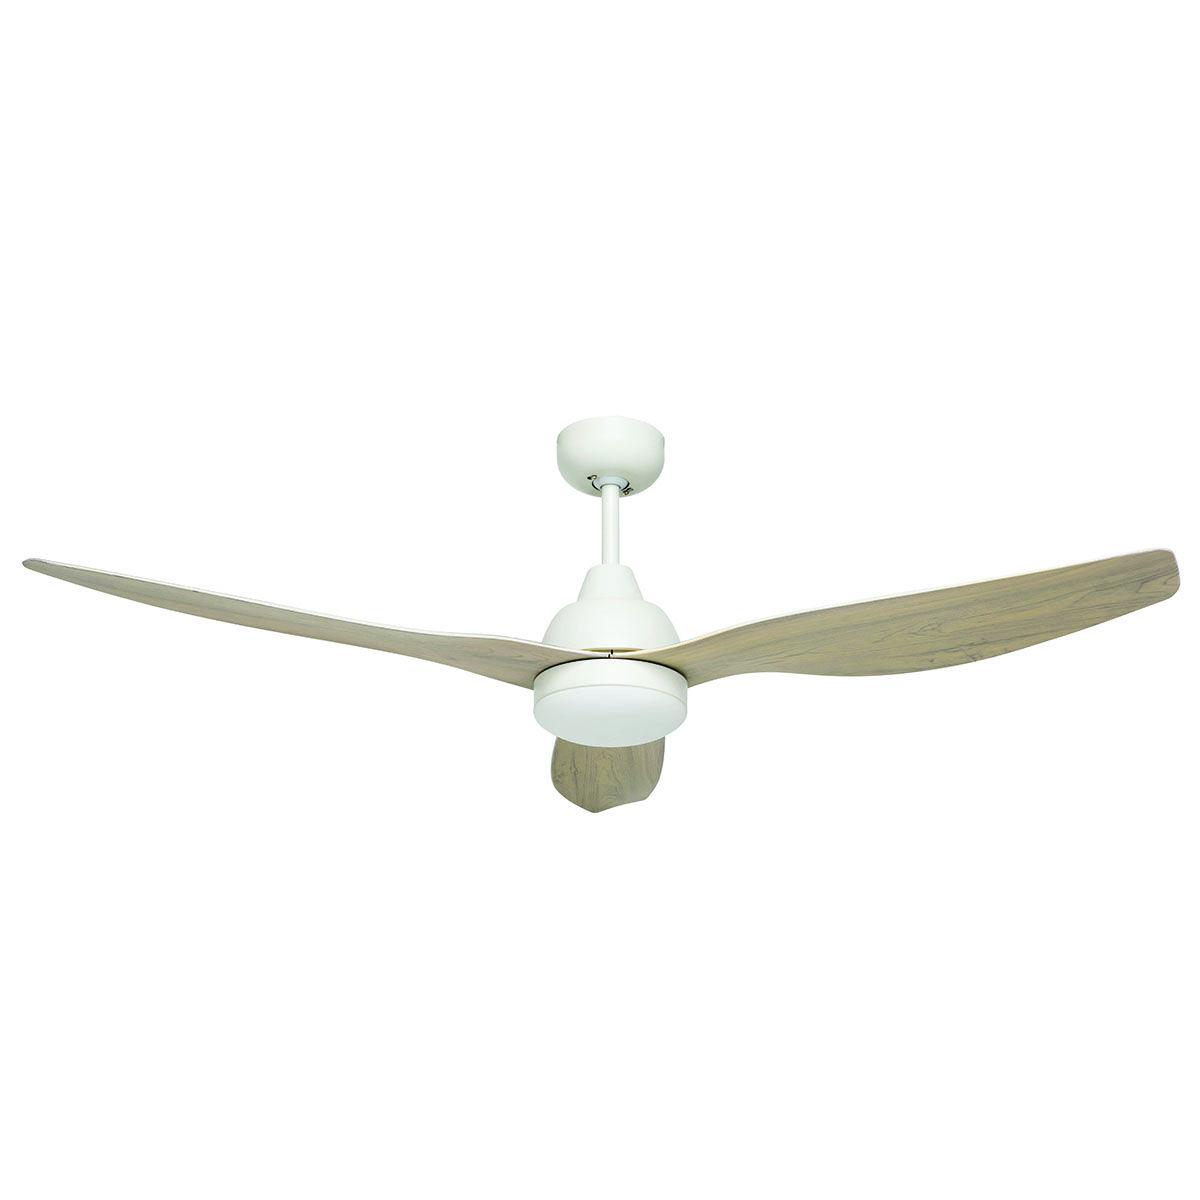 Bahama 52 Dc Ceiling Fan With Light Ceiling Fan Dc Ceiling Fan